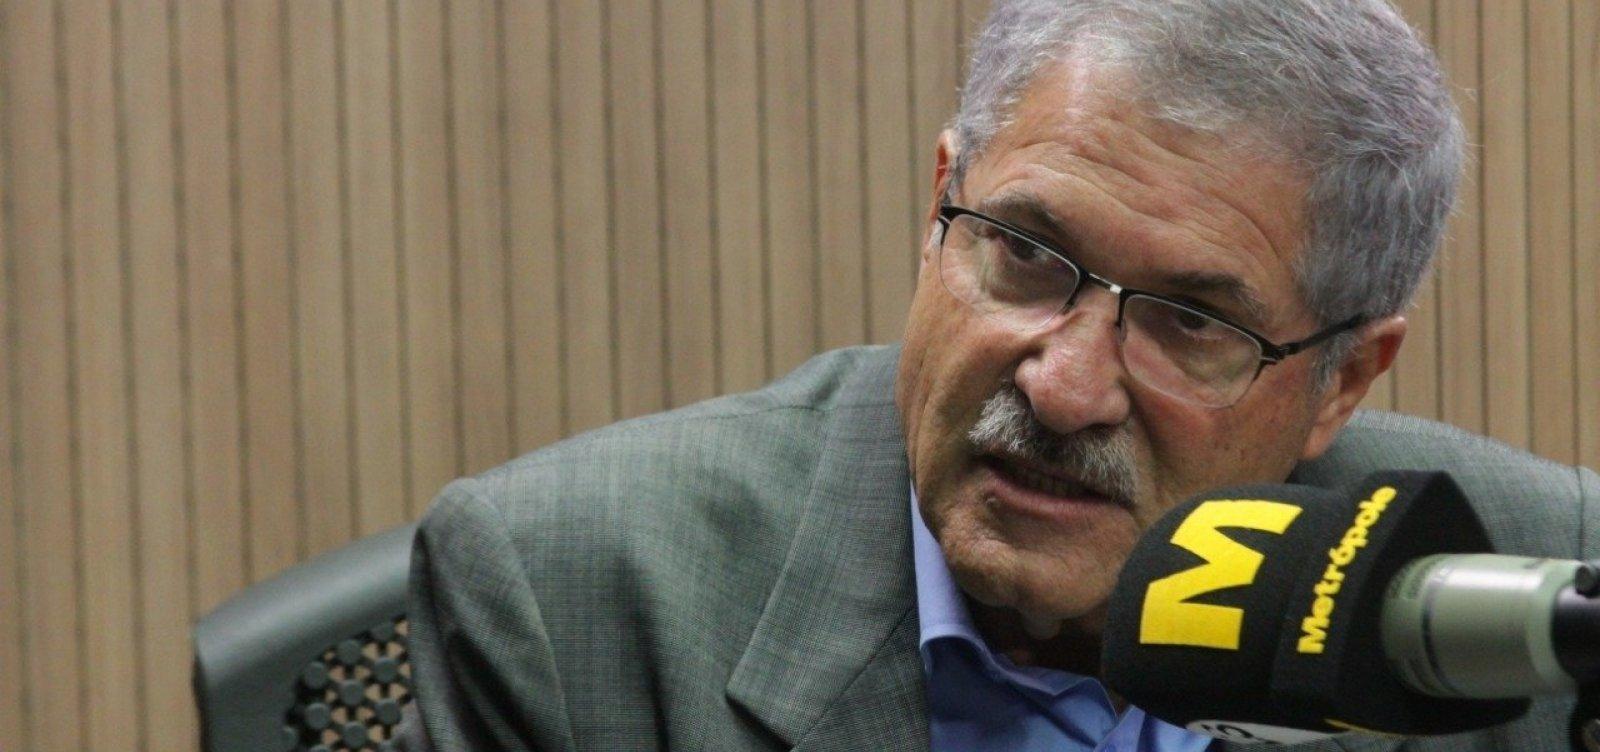 José Rocha sobre coordenação do governo Bolsonaro: 'Está um bate-cabeça muito grande'